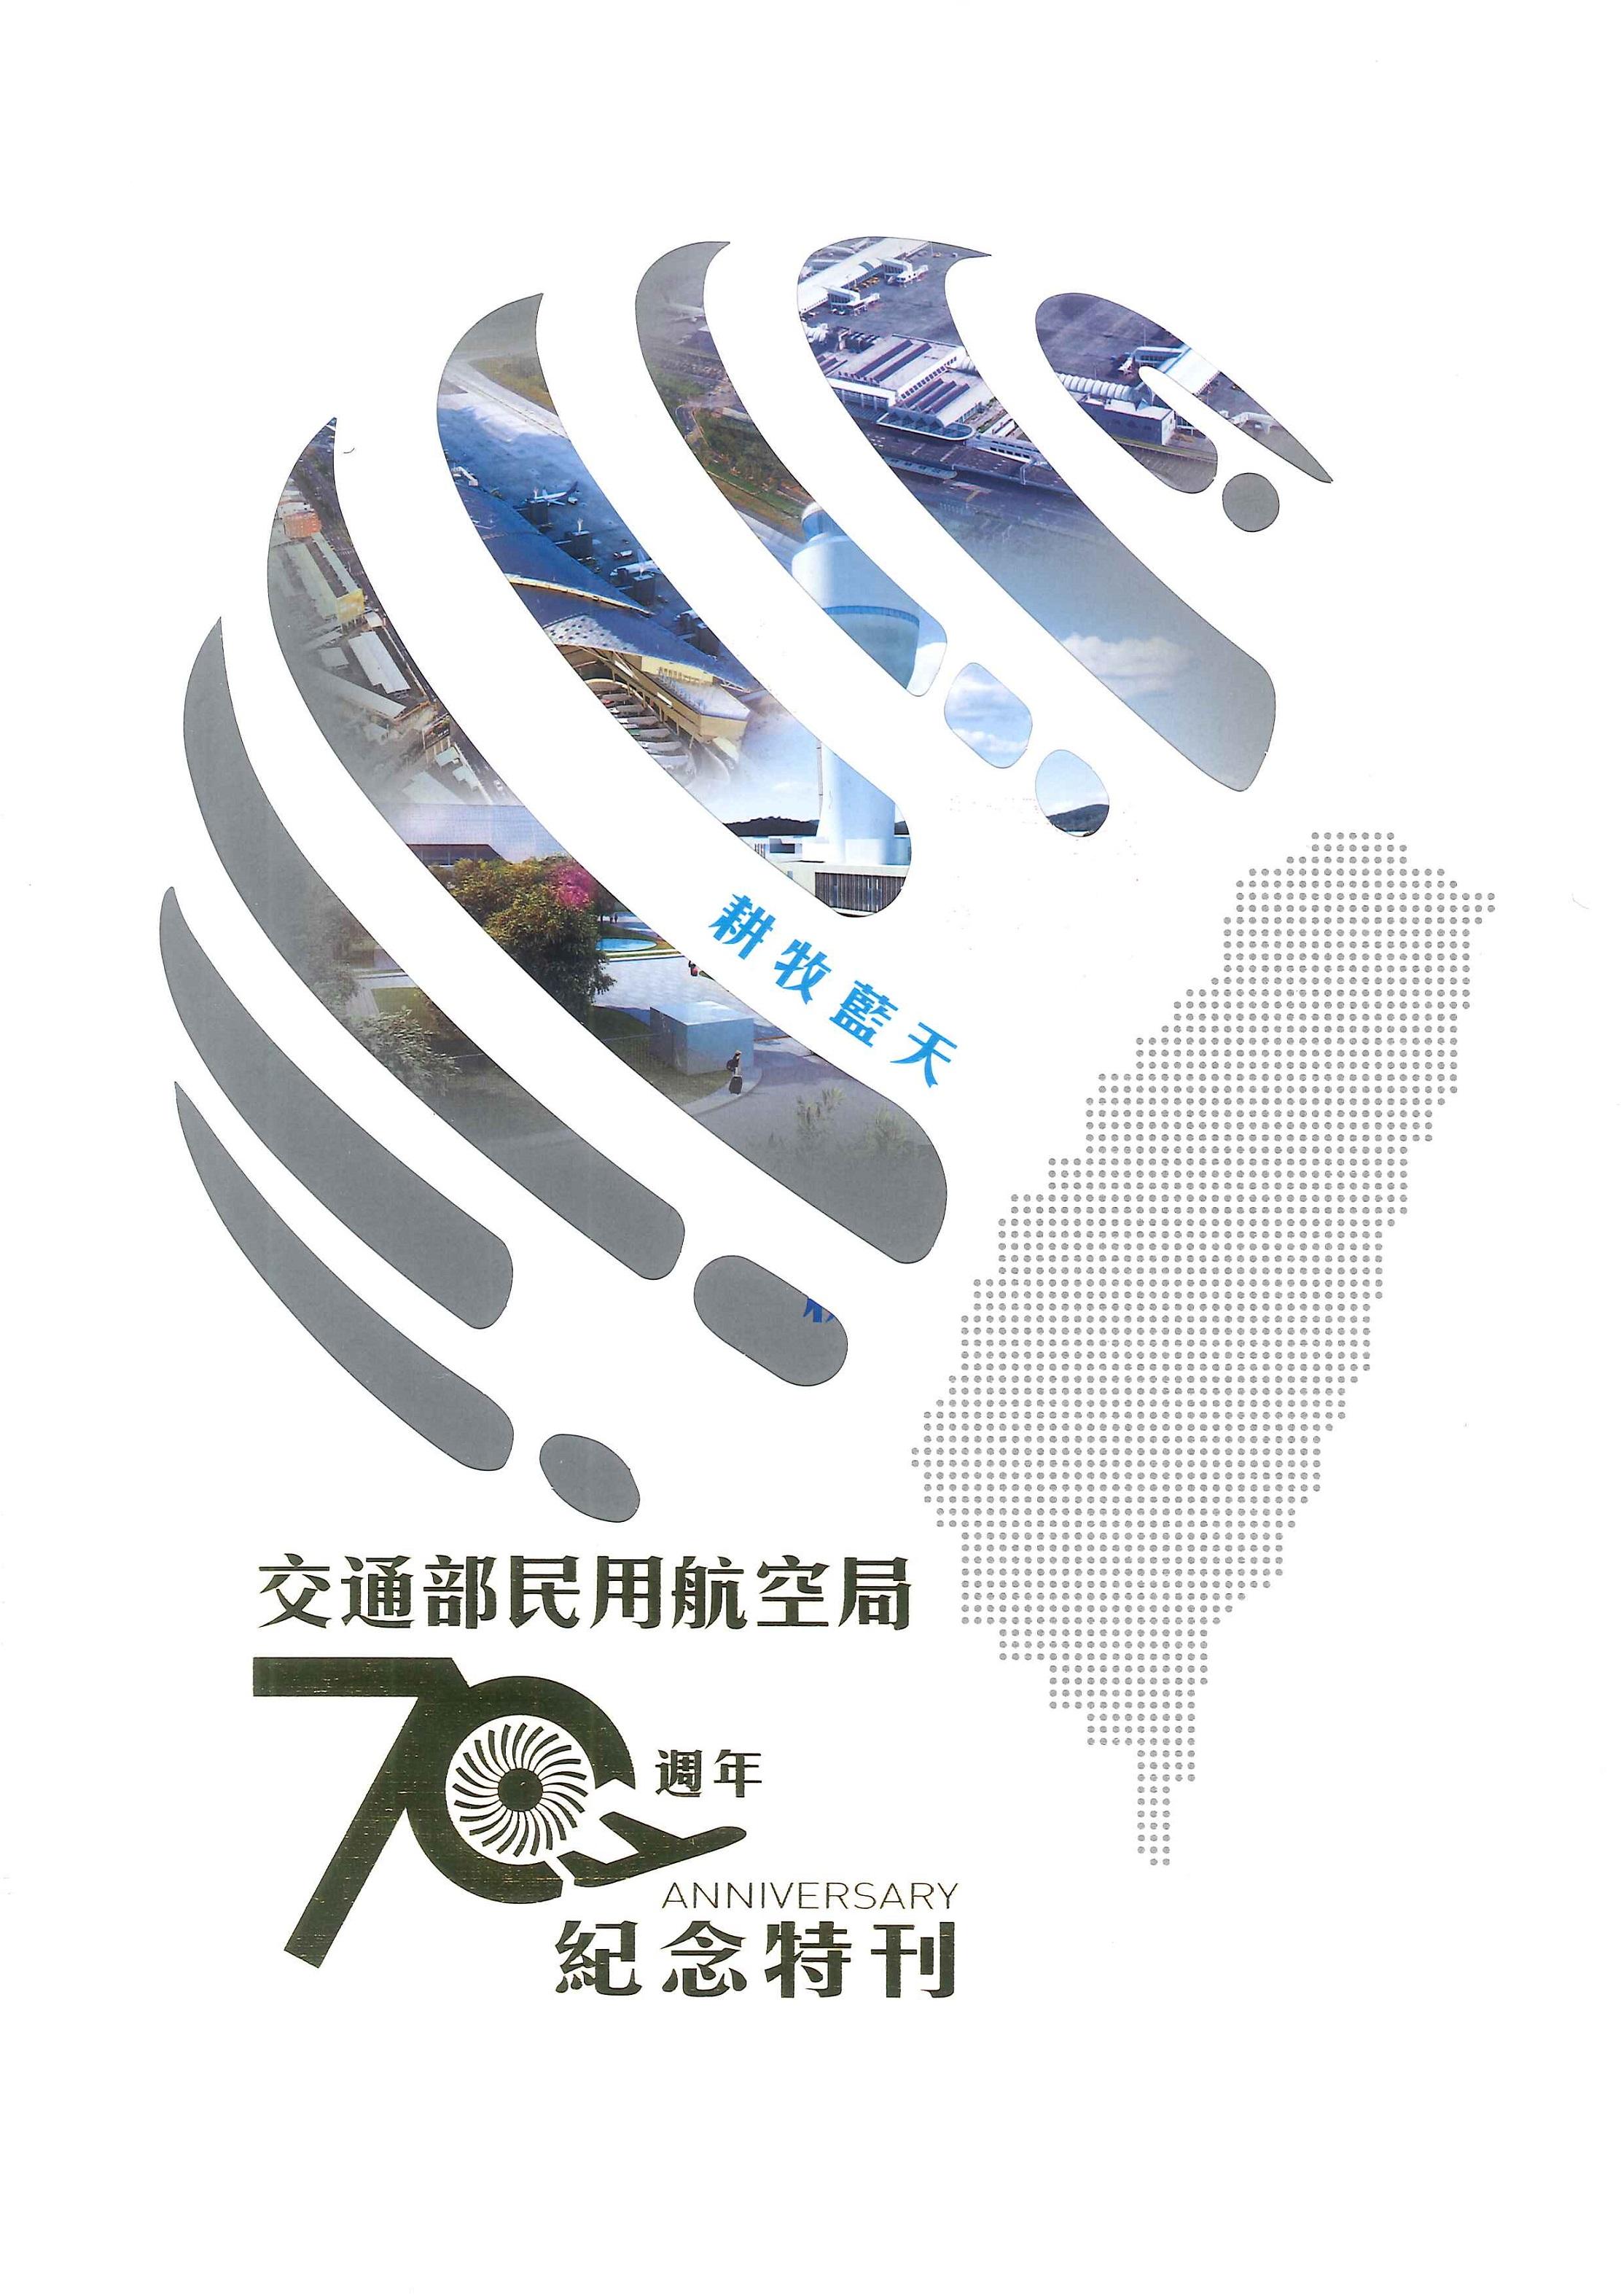 交通部民用航空局70週年紀念特刊